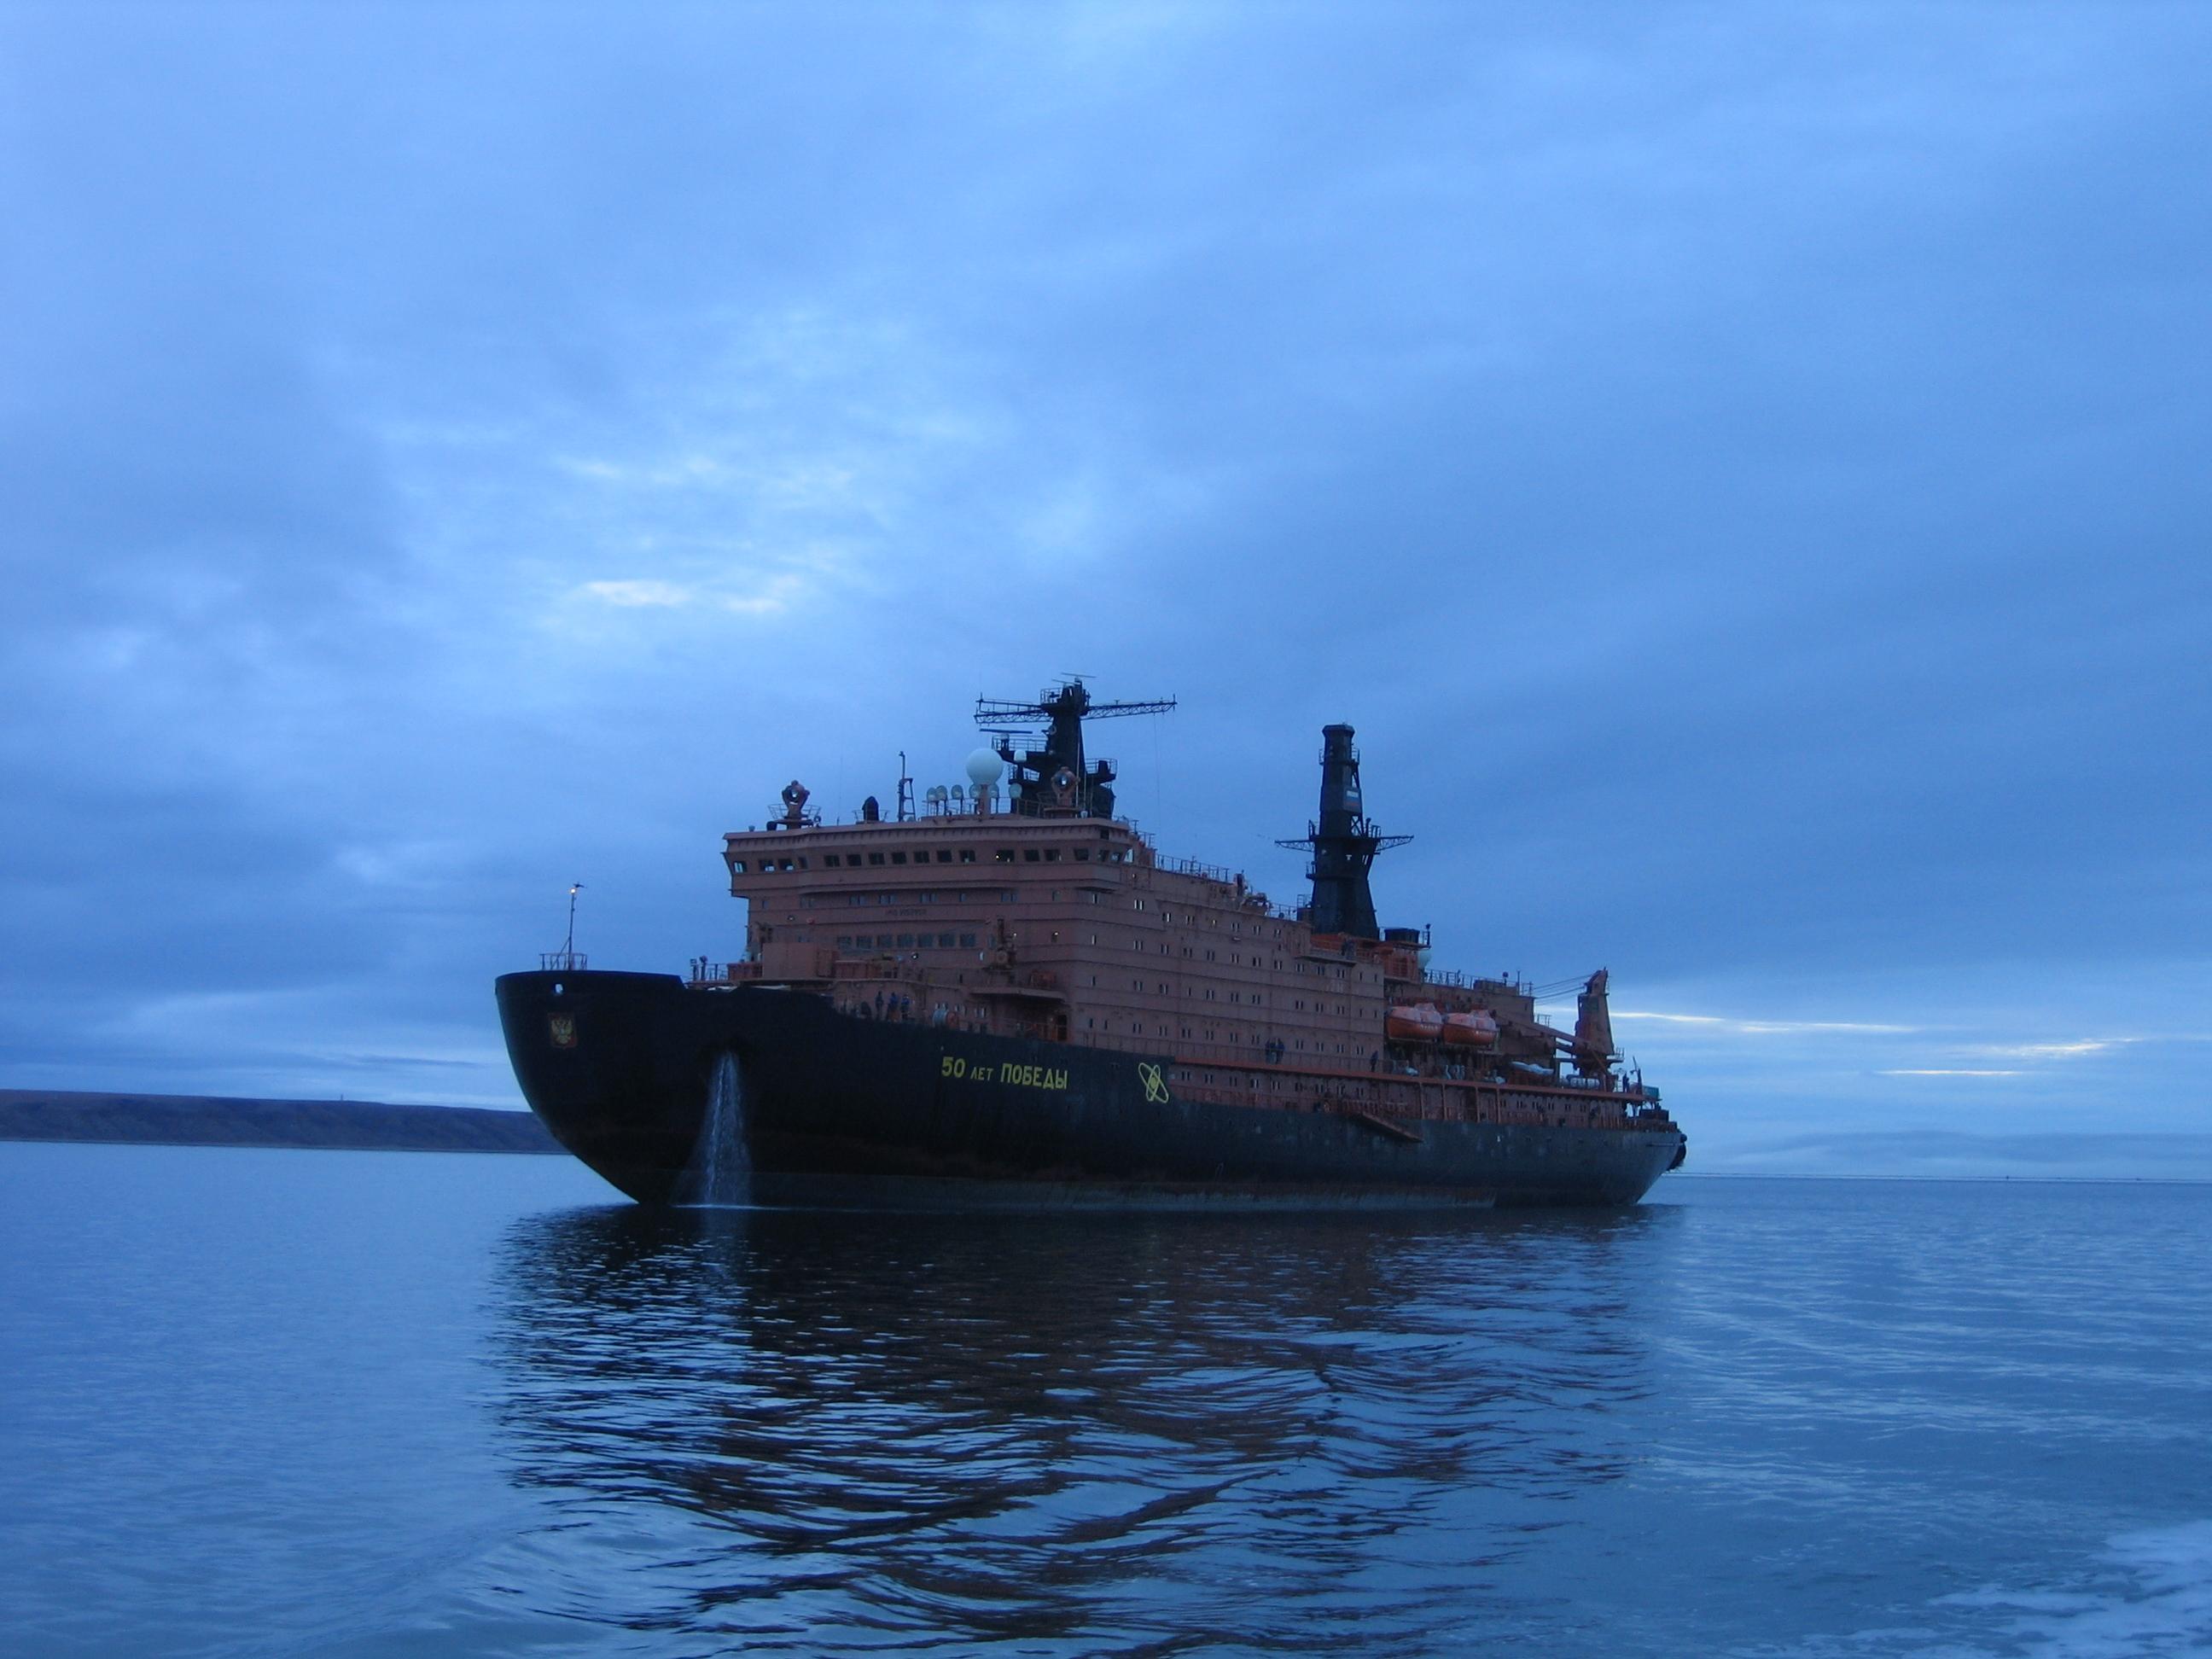 Атомный ледокол «50 лет Победы» открывает сезон арктических круизов